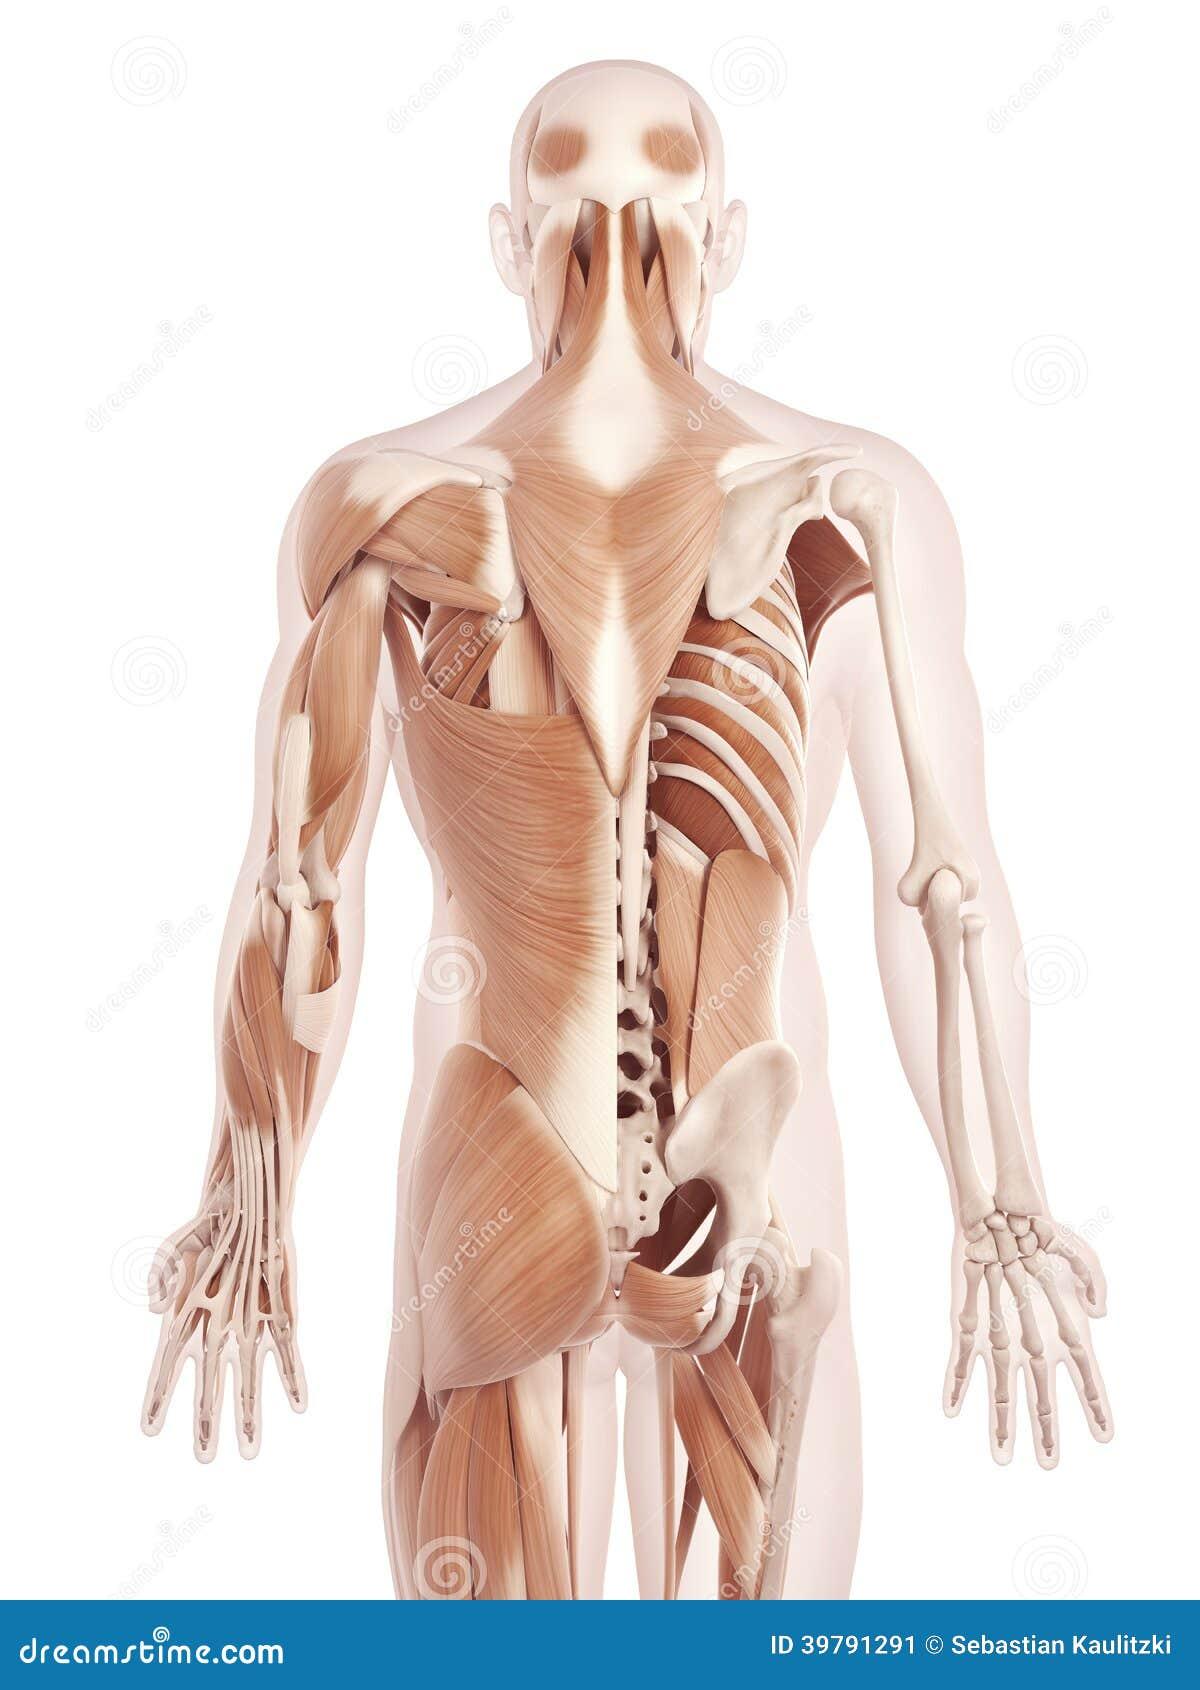 Die Rückenmuskulatur stock abbildung. Illustration von muskel - 39791291